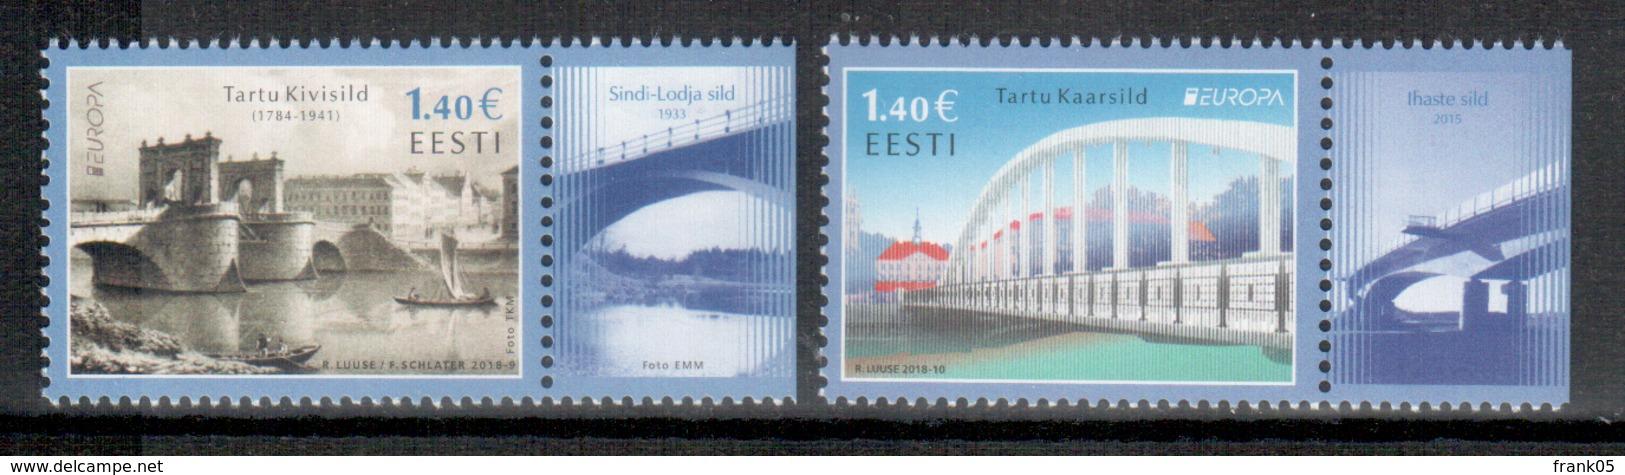 Estland / Estonia / Estonie 2018 Satz/set EUROPA ** - 2018